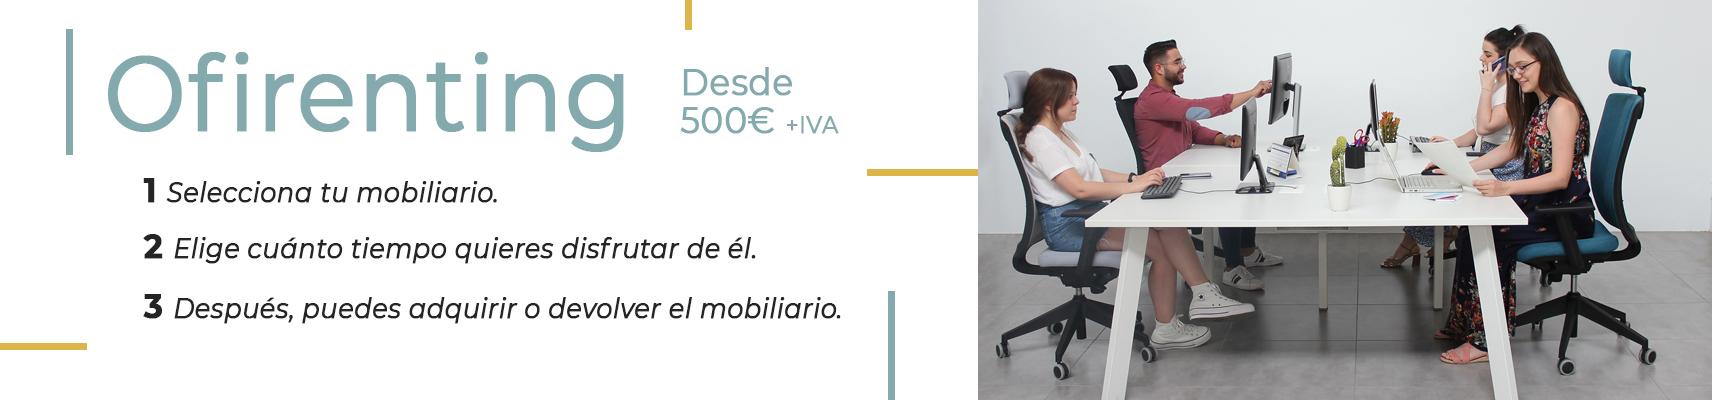 ofirenting es un servicio de renting de mobiliario de oficina para empresas y autónomos